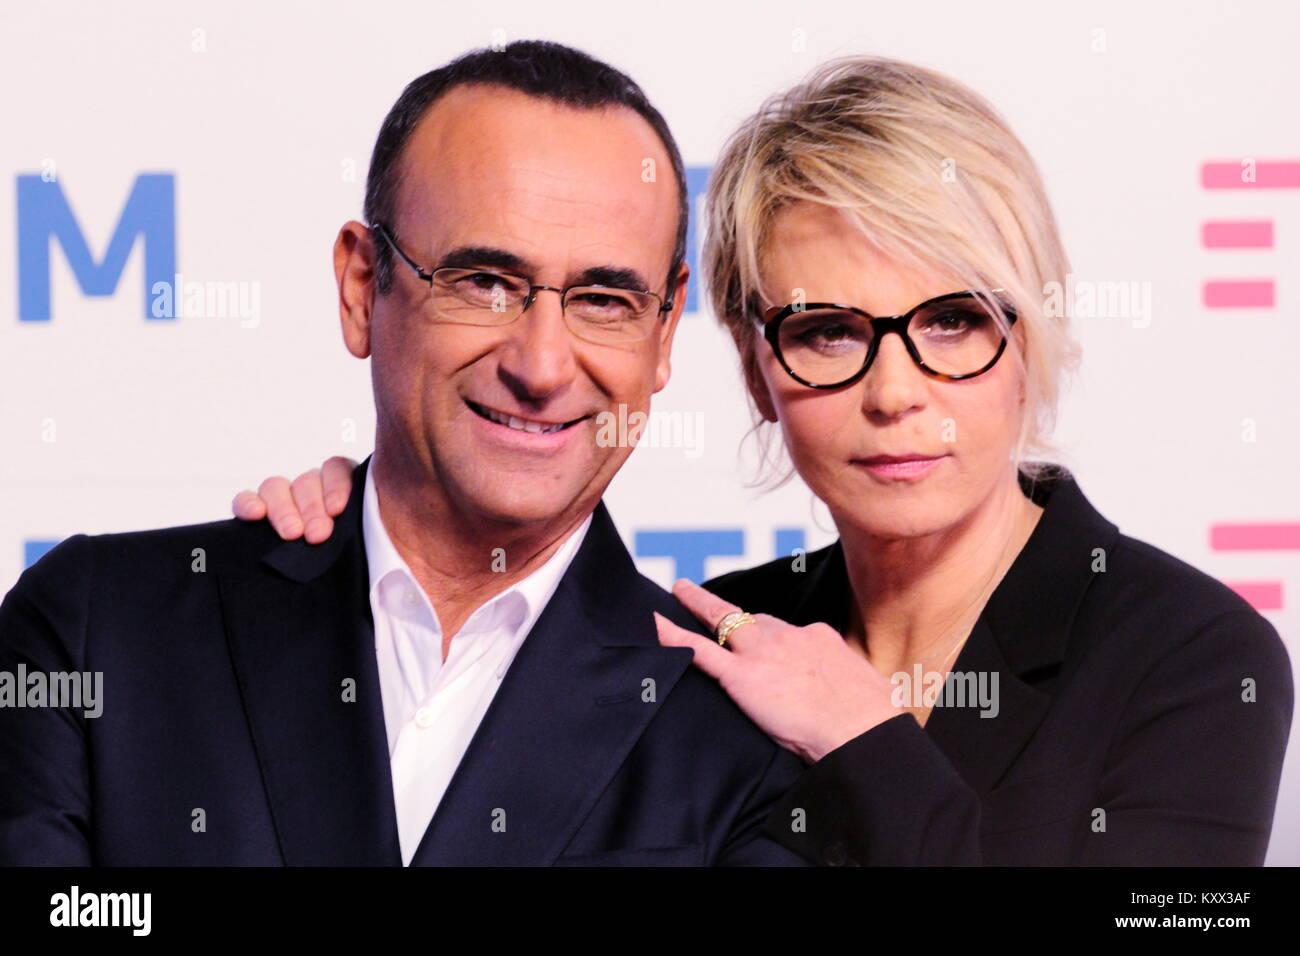 Carlo Conti e Maria De Filippi, photocall Festival di Sanremo 2017.Conferenza stampa presso la sala Roof del teatro Ariston. Foto Stock